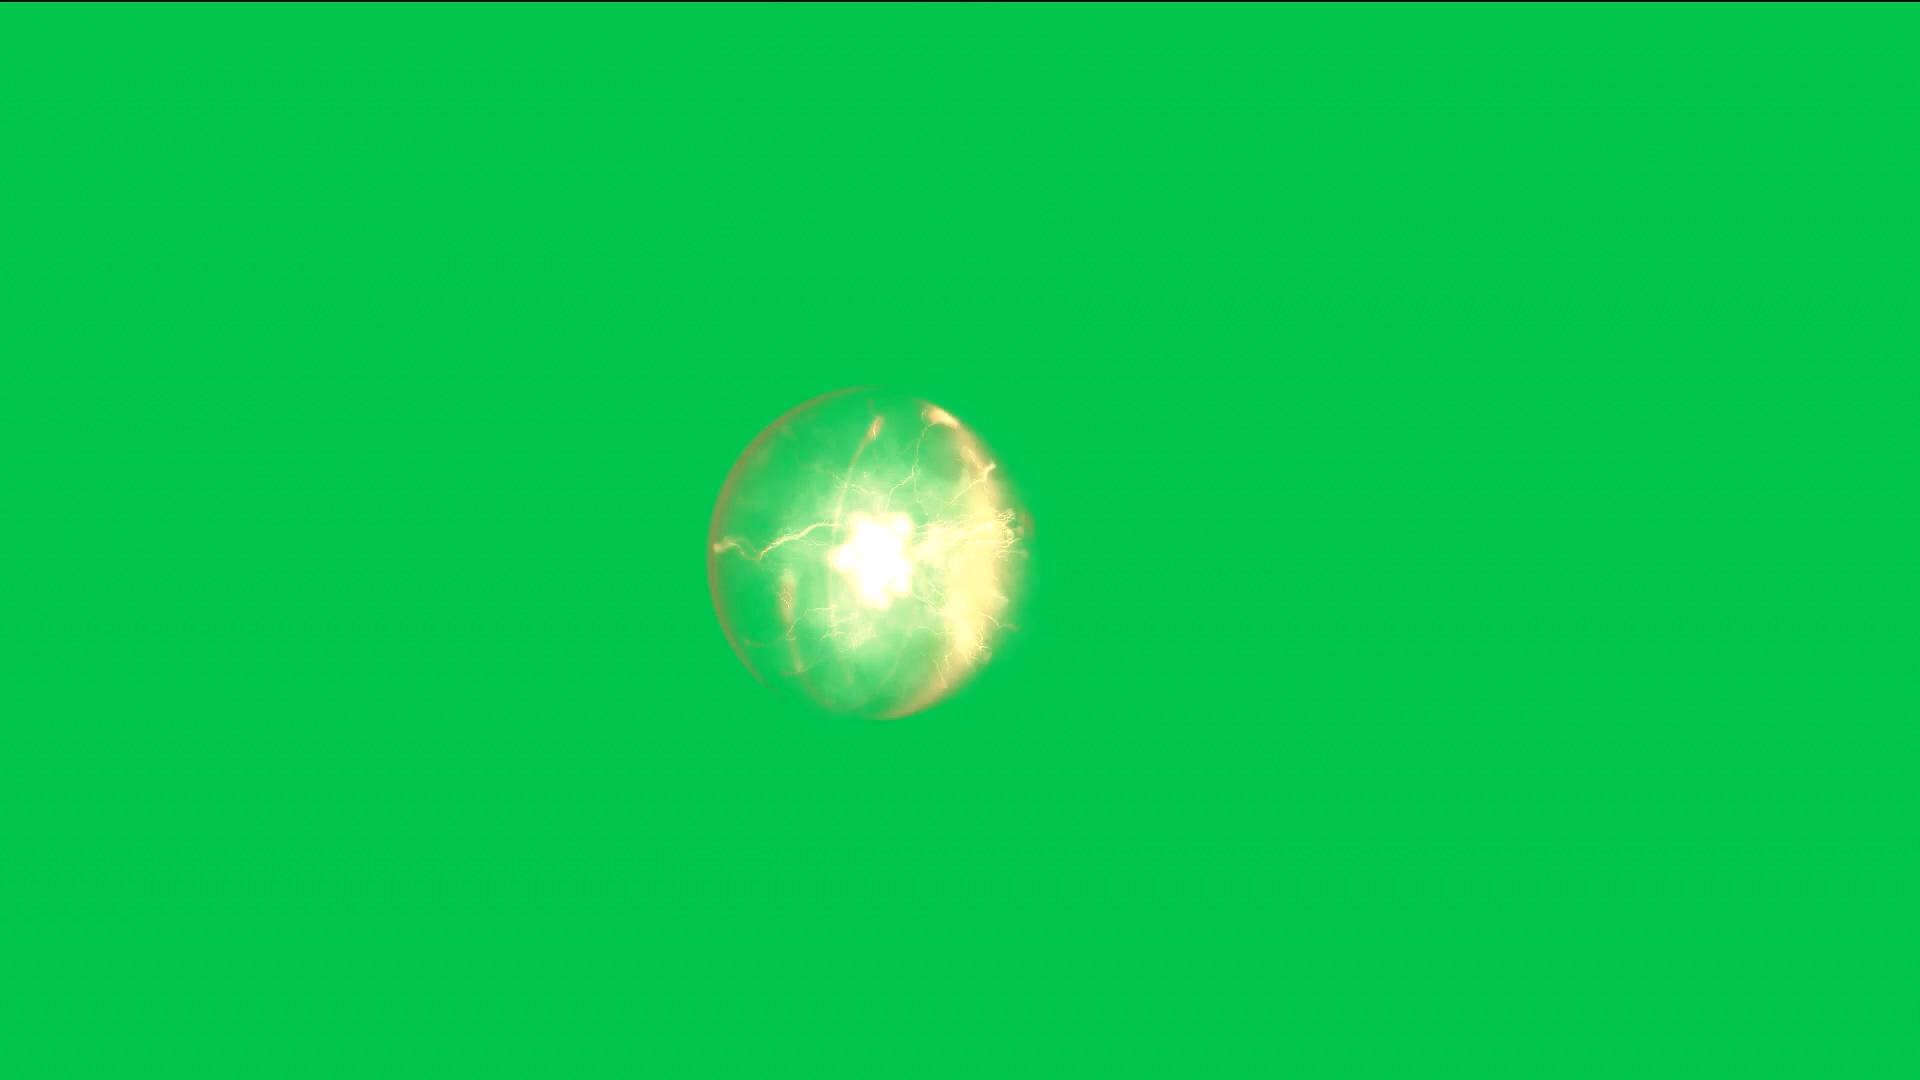 绿屏抠像金色能量球